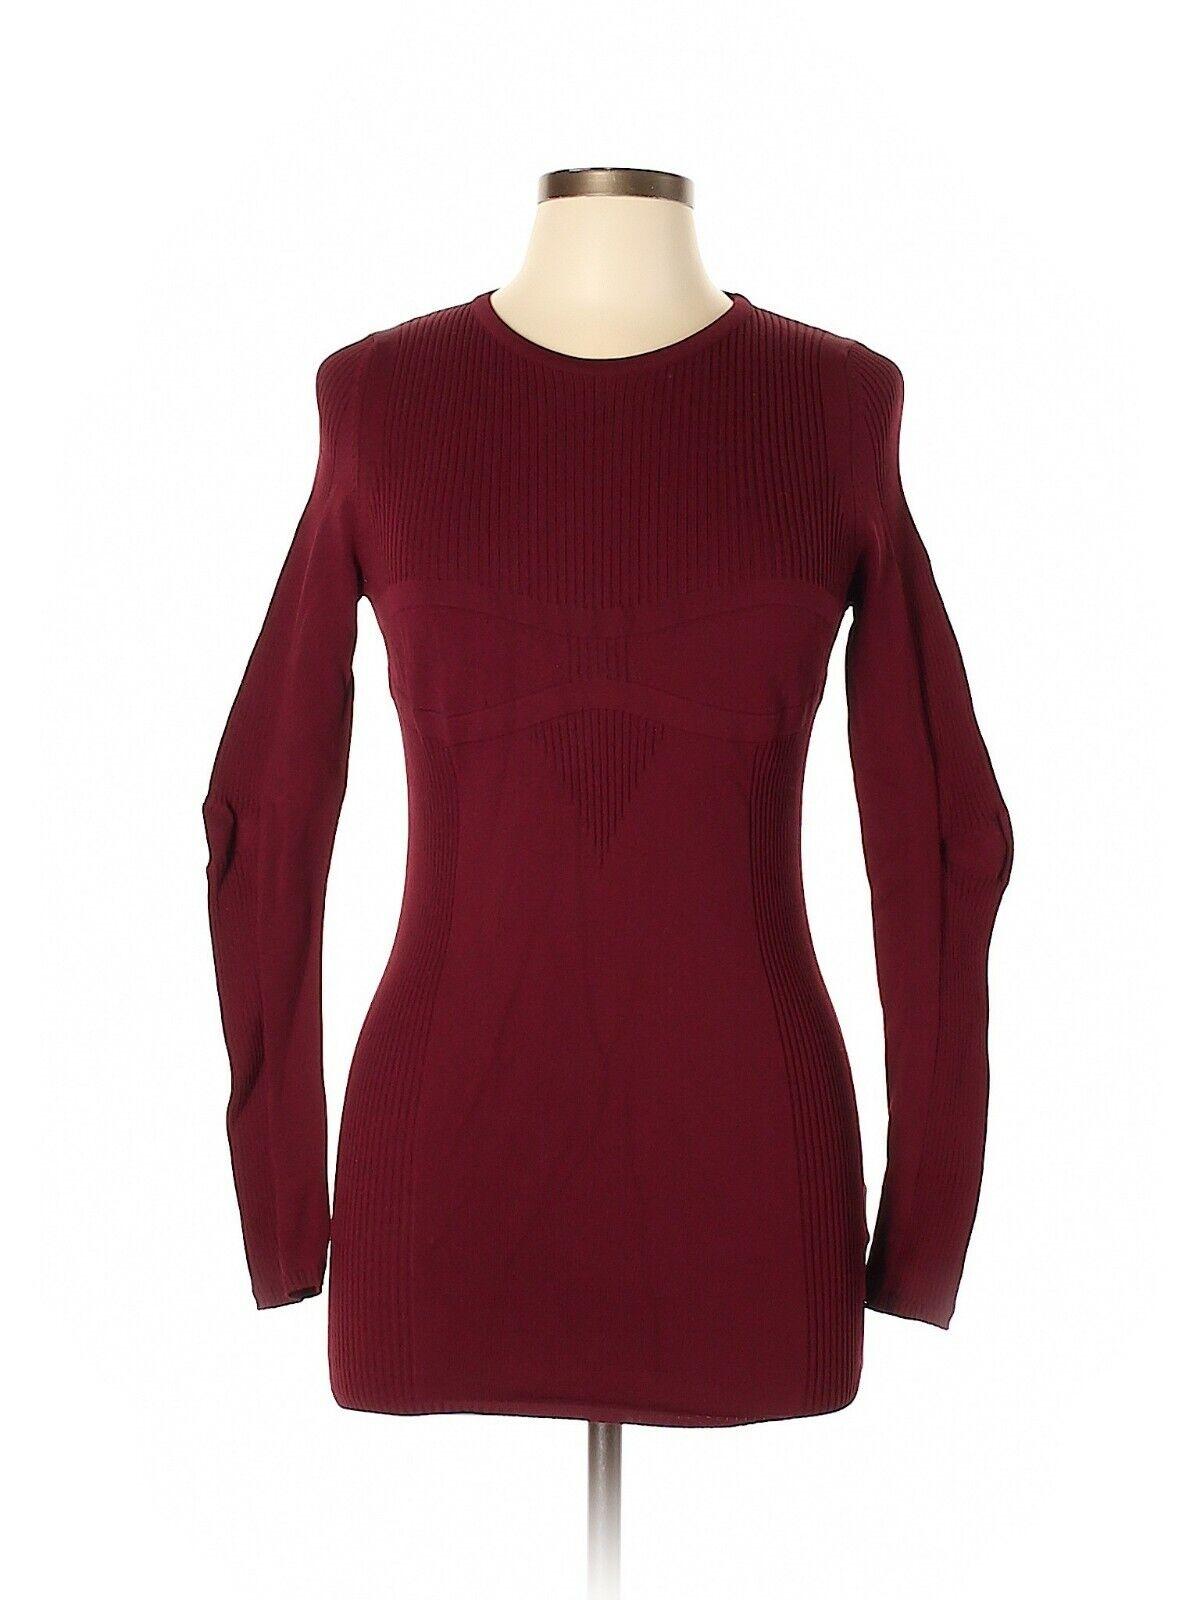 Maison Martin Margiela Maroon Rib Knit Sweater, Size Large, NWT